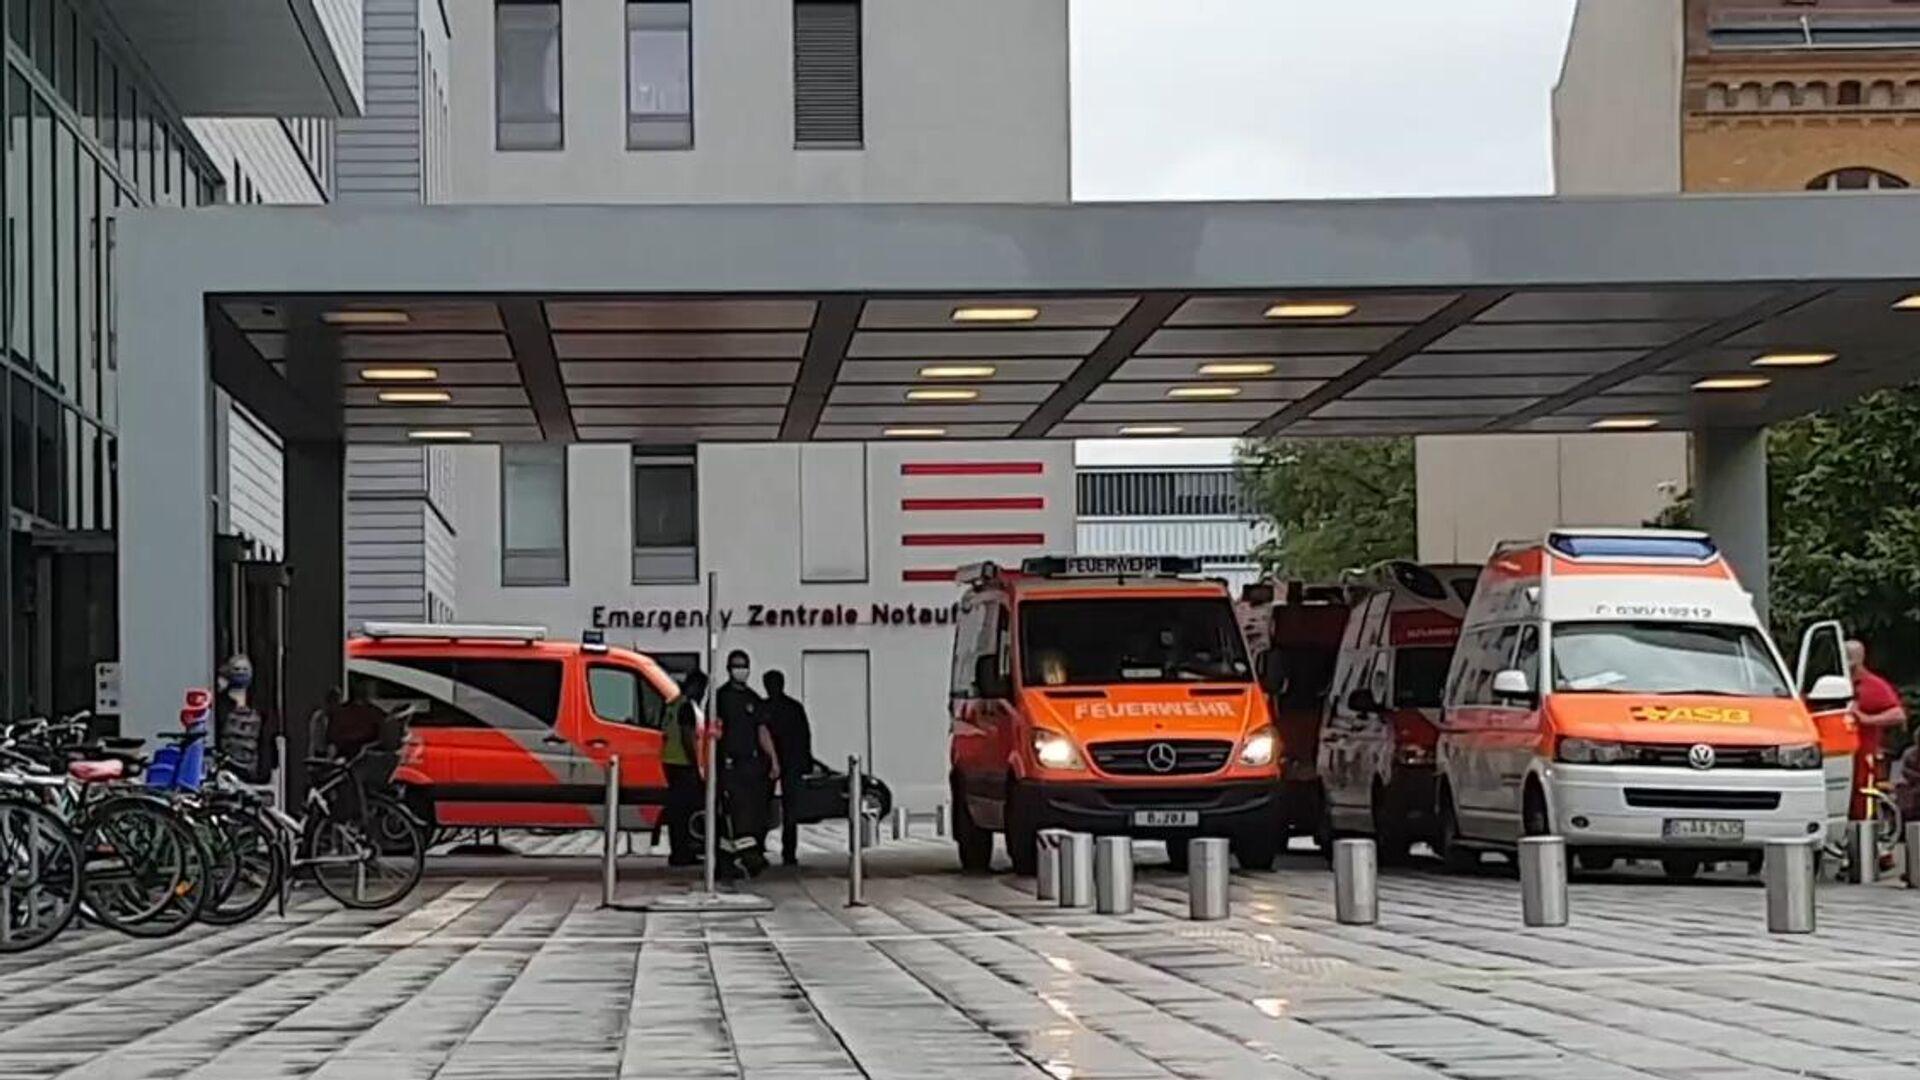 Автомобили скорой помощи у клиники Шарите в Берлине, куда доставлен Алексей Навальный - РИА Новости, 1920, 09.09.2020